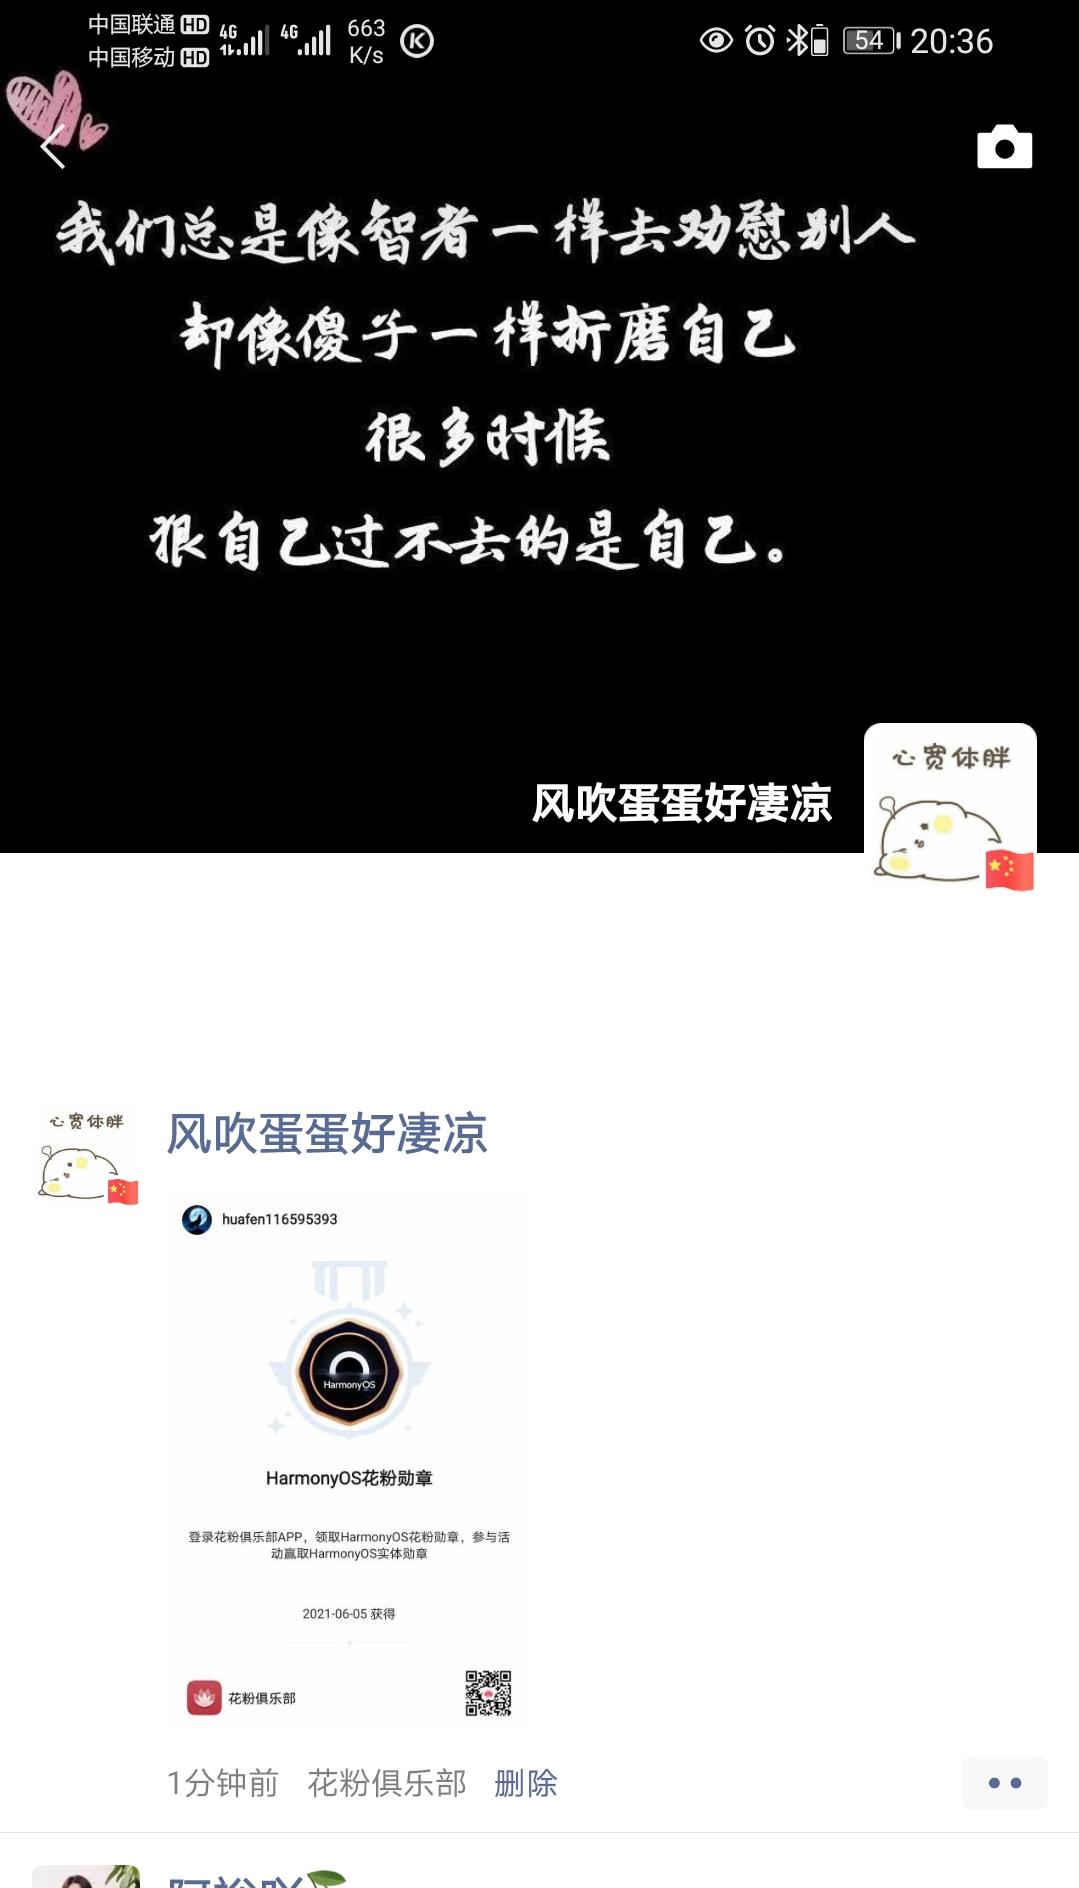 Screenshot_20210605_203636_com.tencent.mm.png